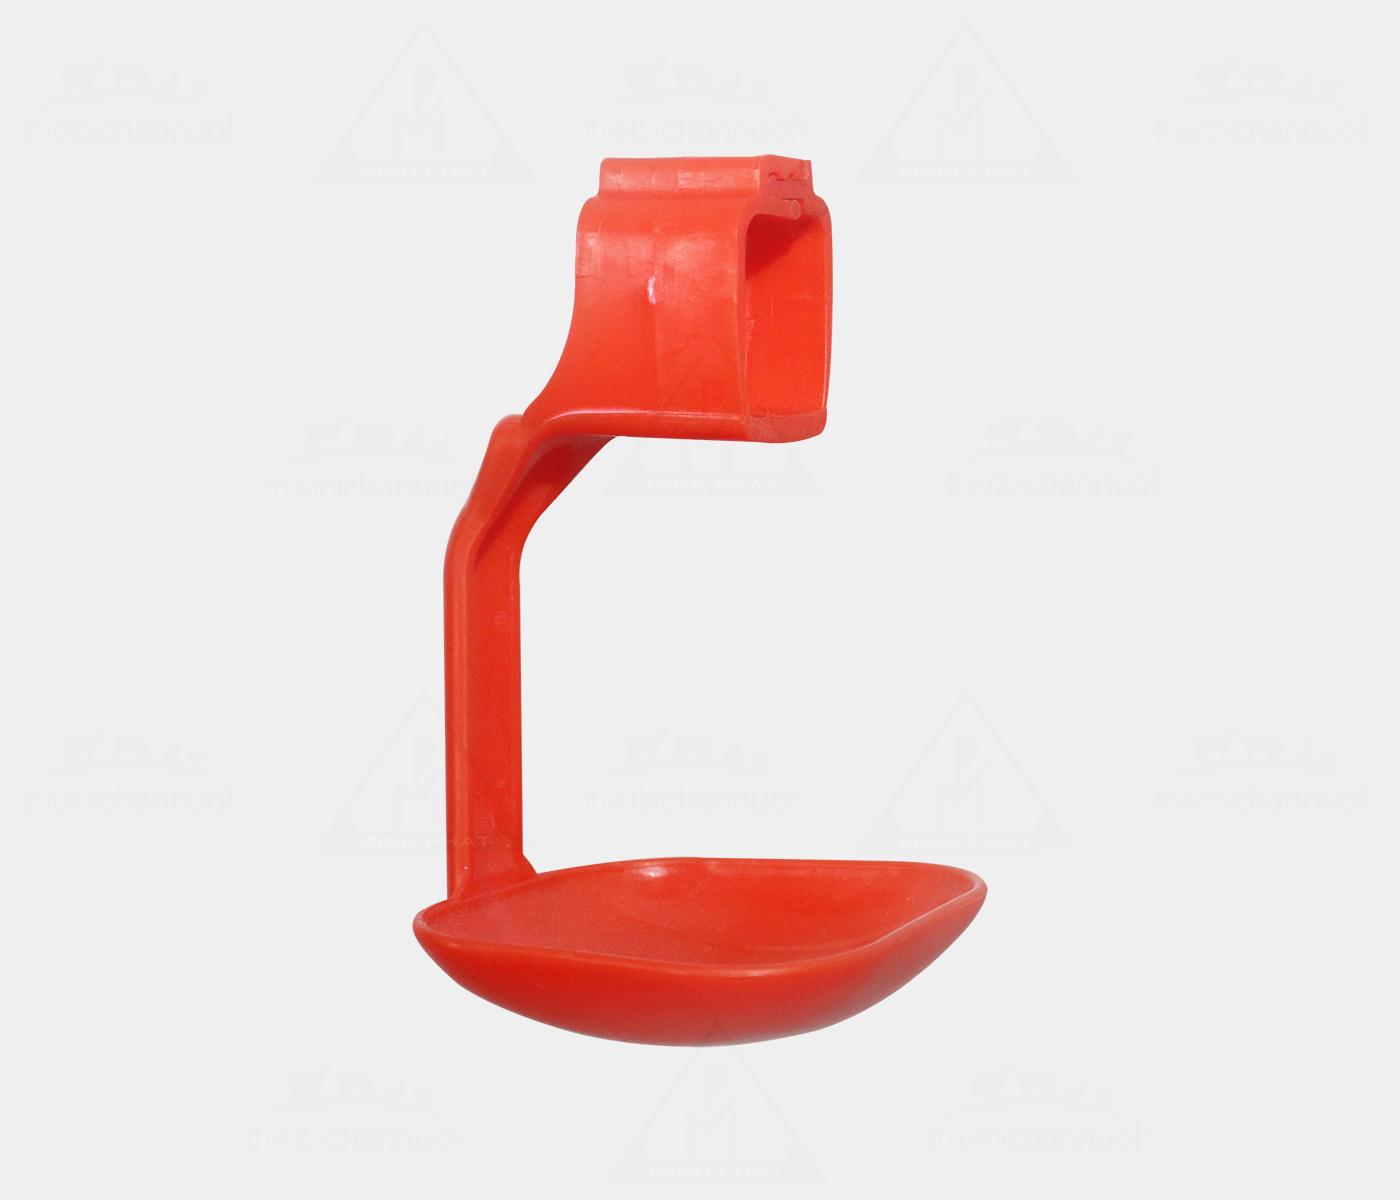 Tách uống gia cầm 25x25mm màu đỏ - GU04-1